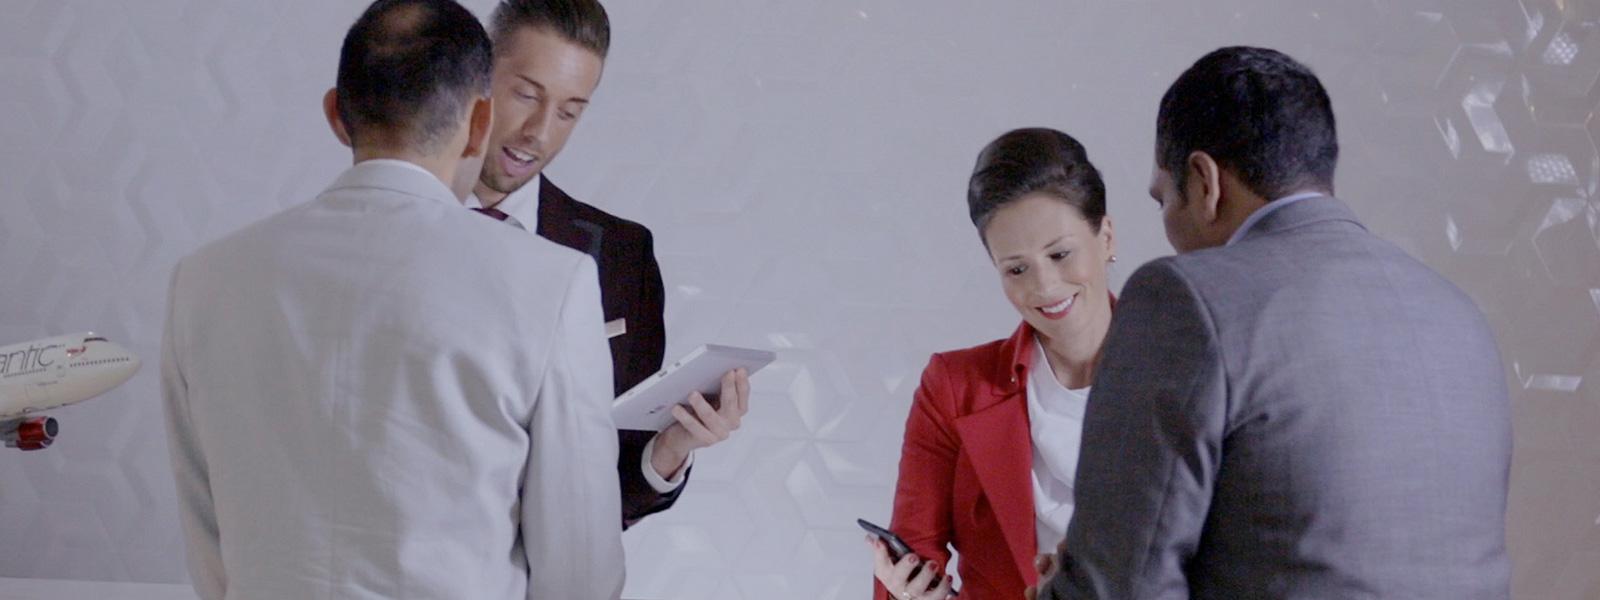 Servicemitarbeiter von Virgin America interagieren mit Kunden